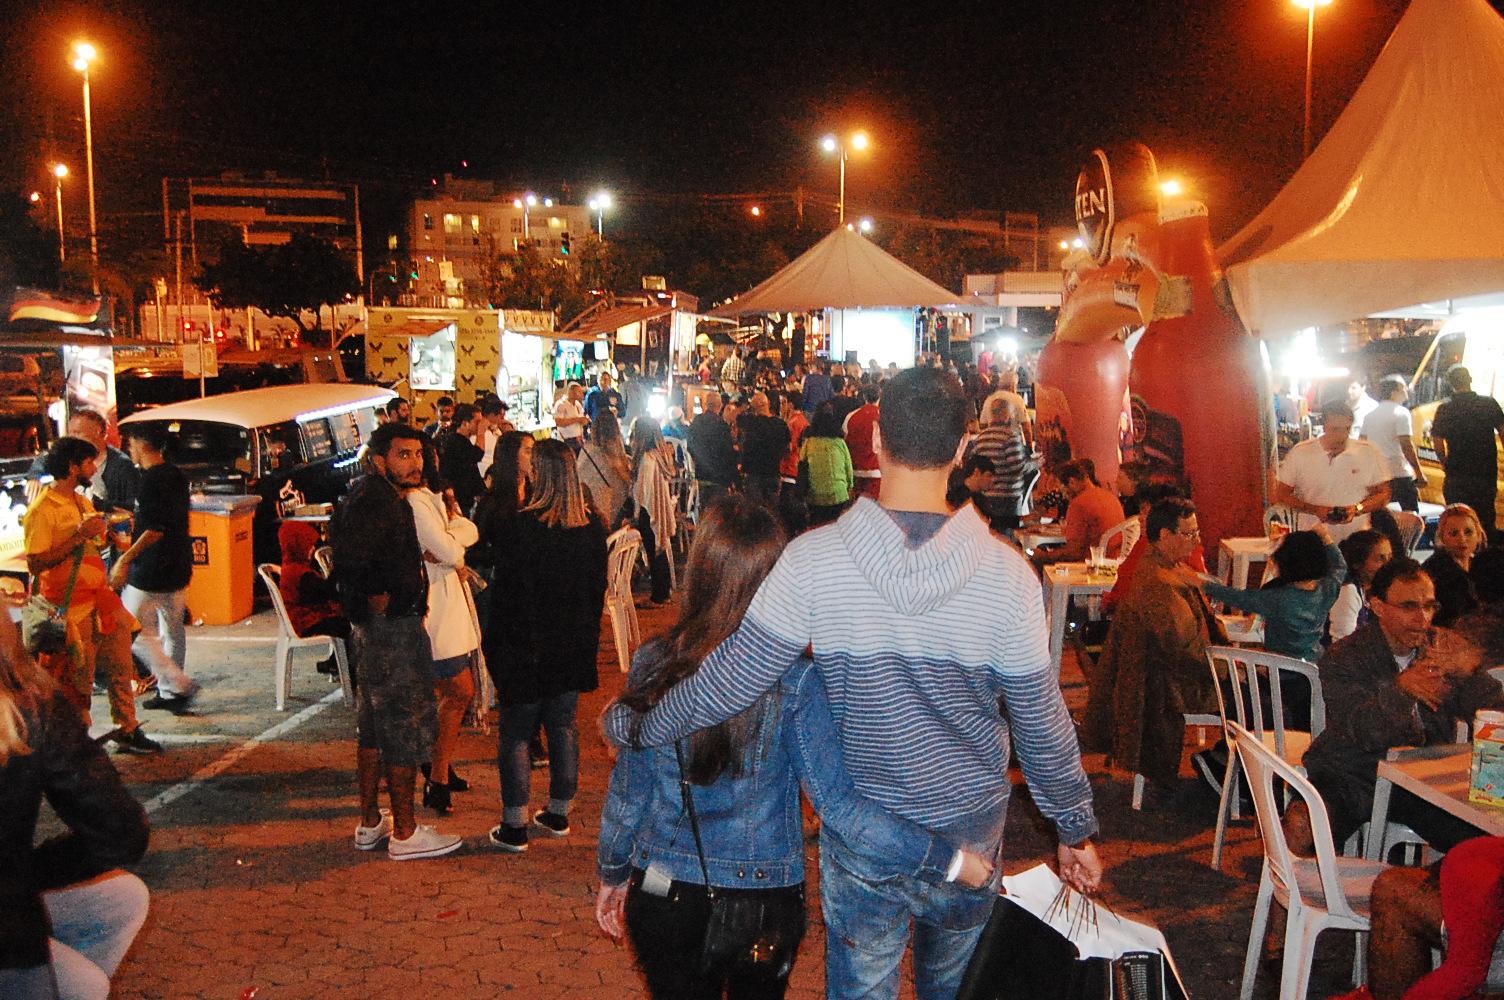 2ª edição do Beer Truck Festival chega ao Recreio Shopping para o público se divertir ao lado do paizão